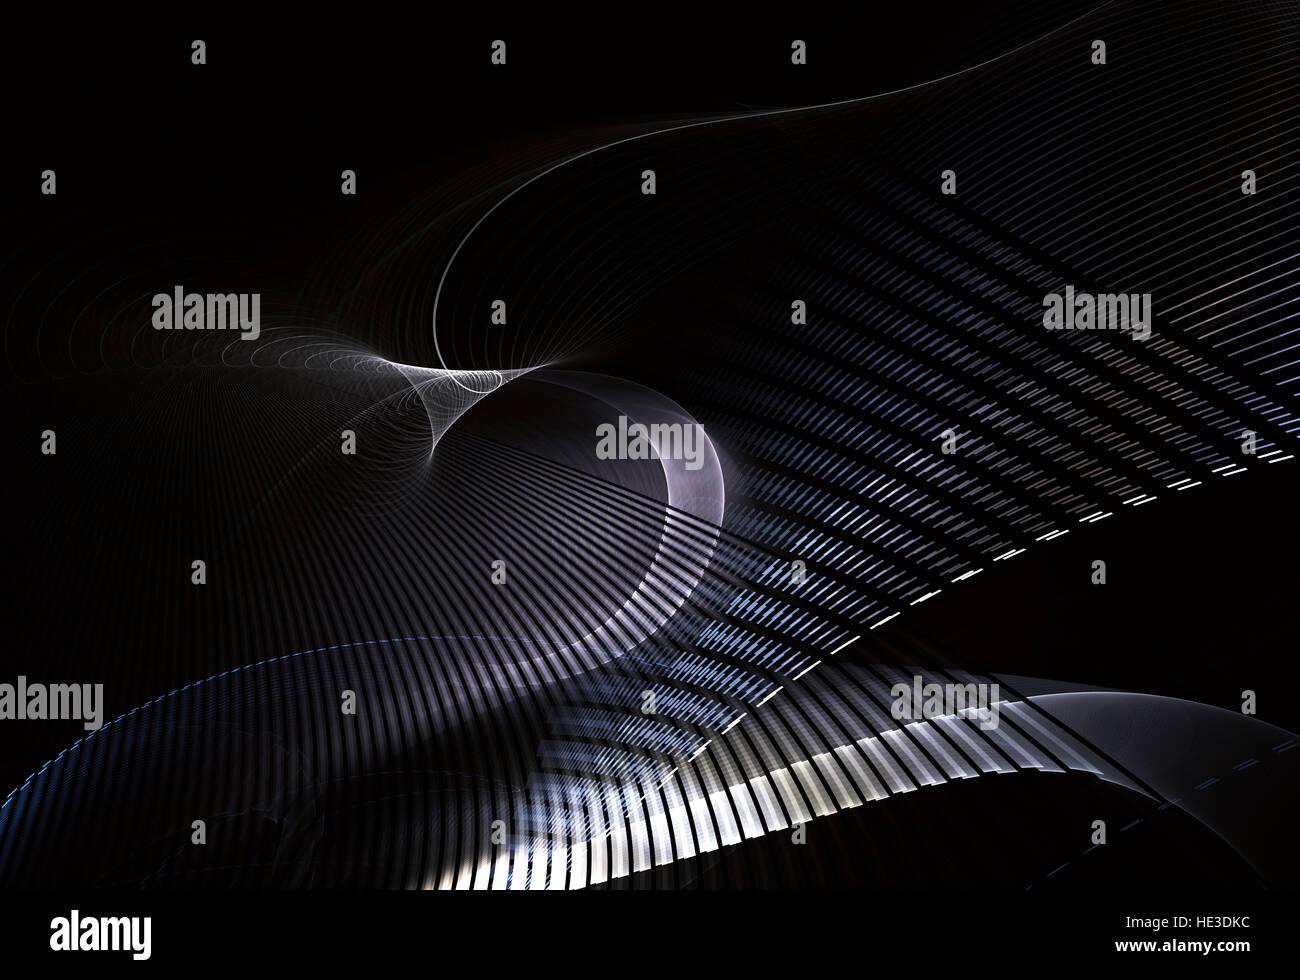 abstrakte Fraktal Hintergrund eine computergenerierte 2D Darstellung Stockbild